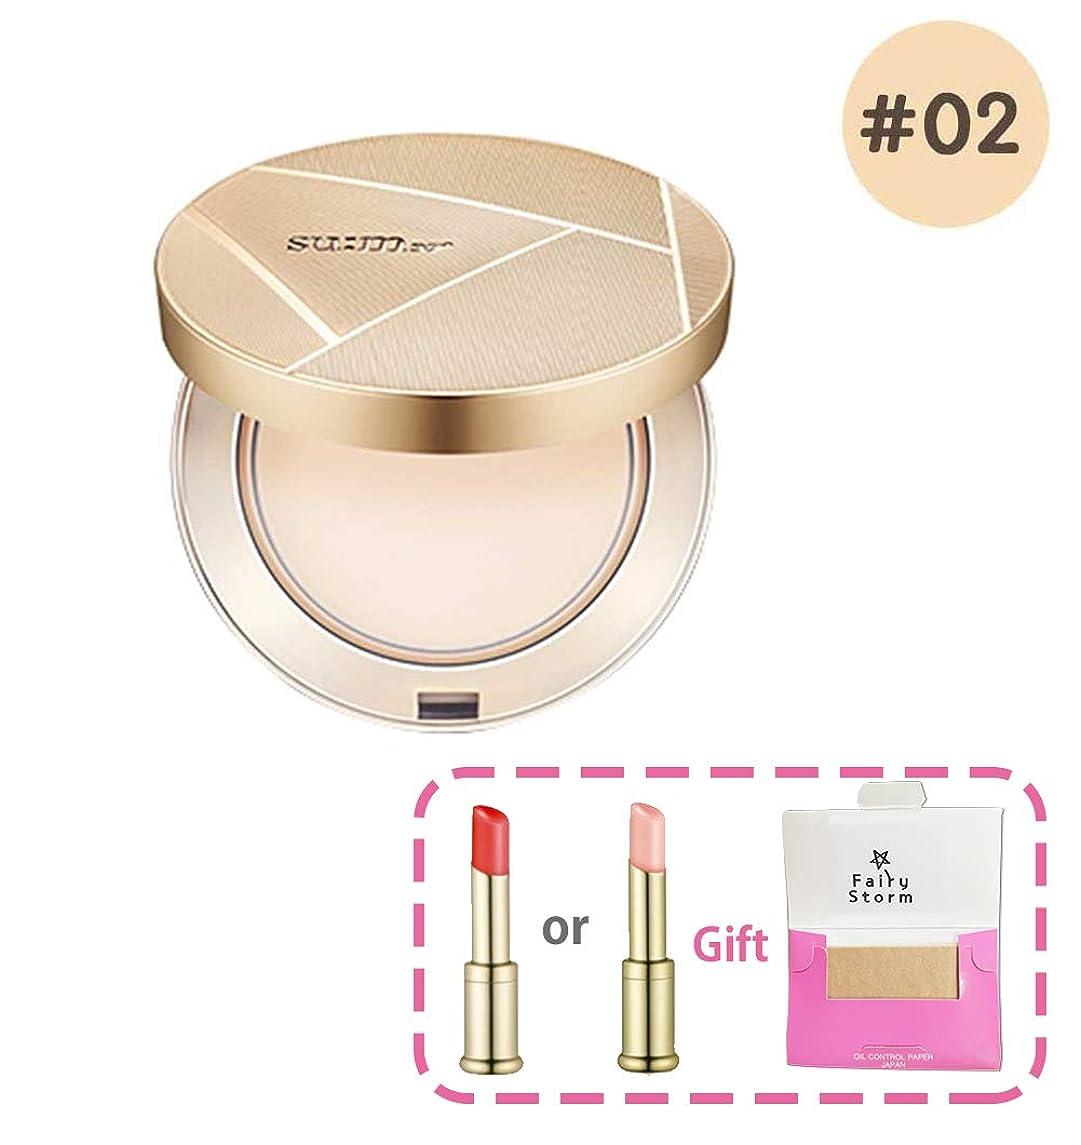 長方形成人期偏心[su:m37/スム37°] sum37 Air risingTF Radiance Powder Pact SPF30/PA++/エアライジングTFラディアンスパウダーファクト 2号 +[Sample Gift](海外直送品)